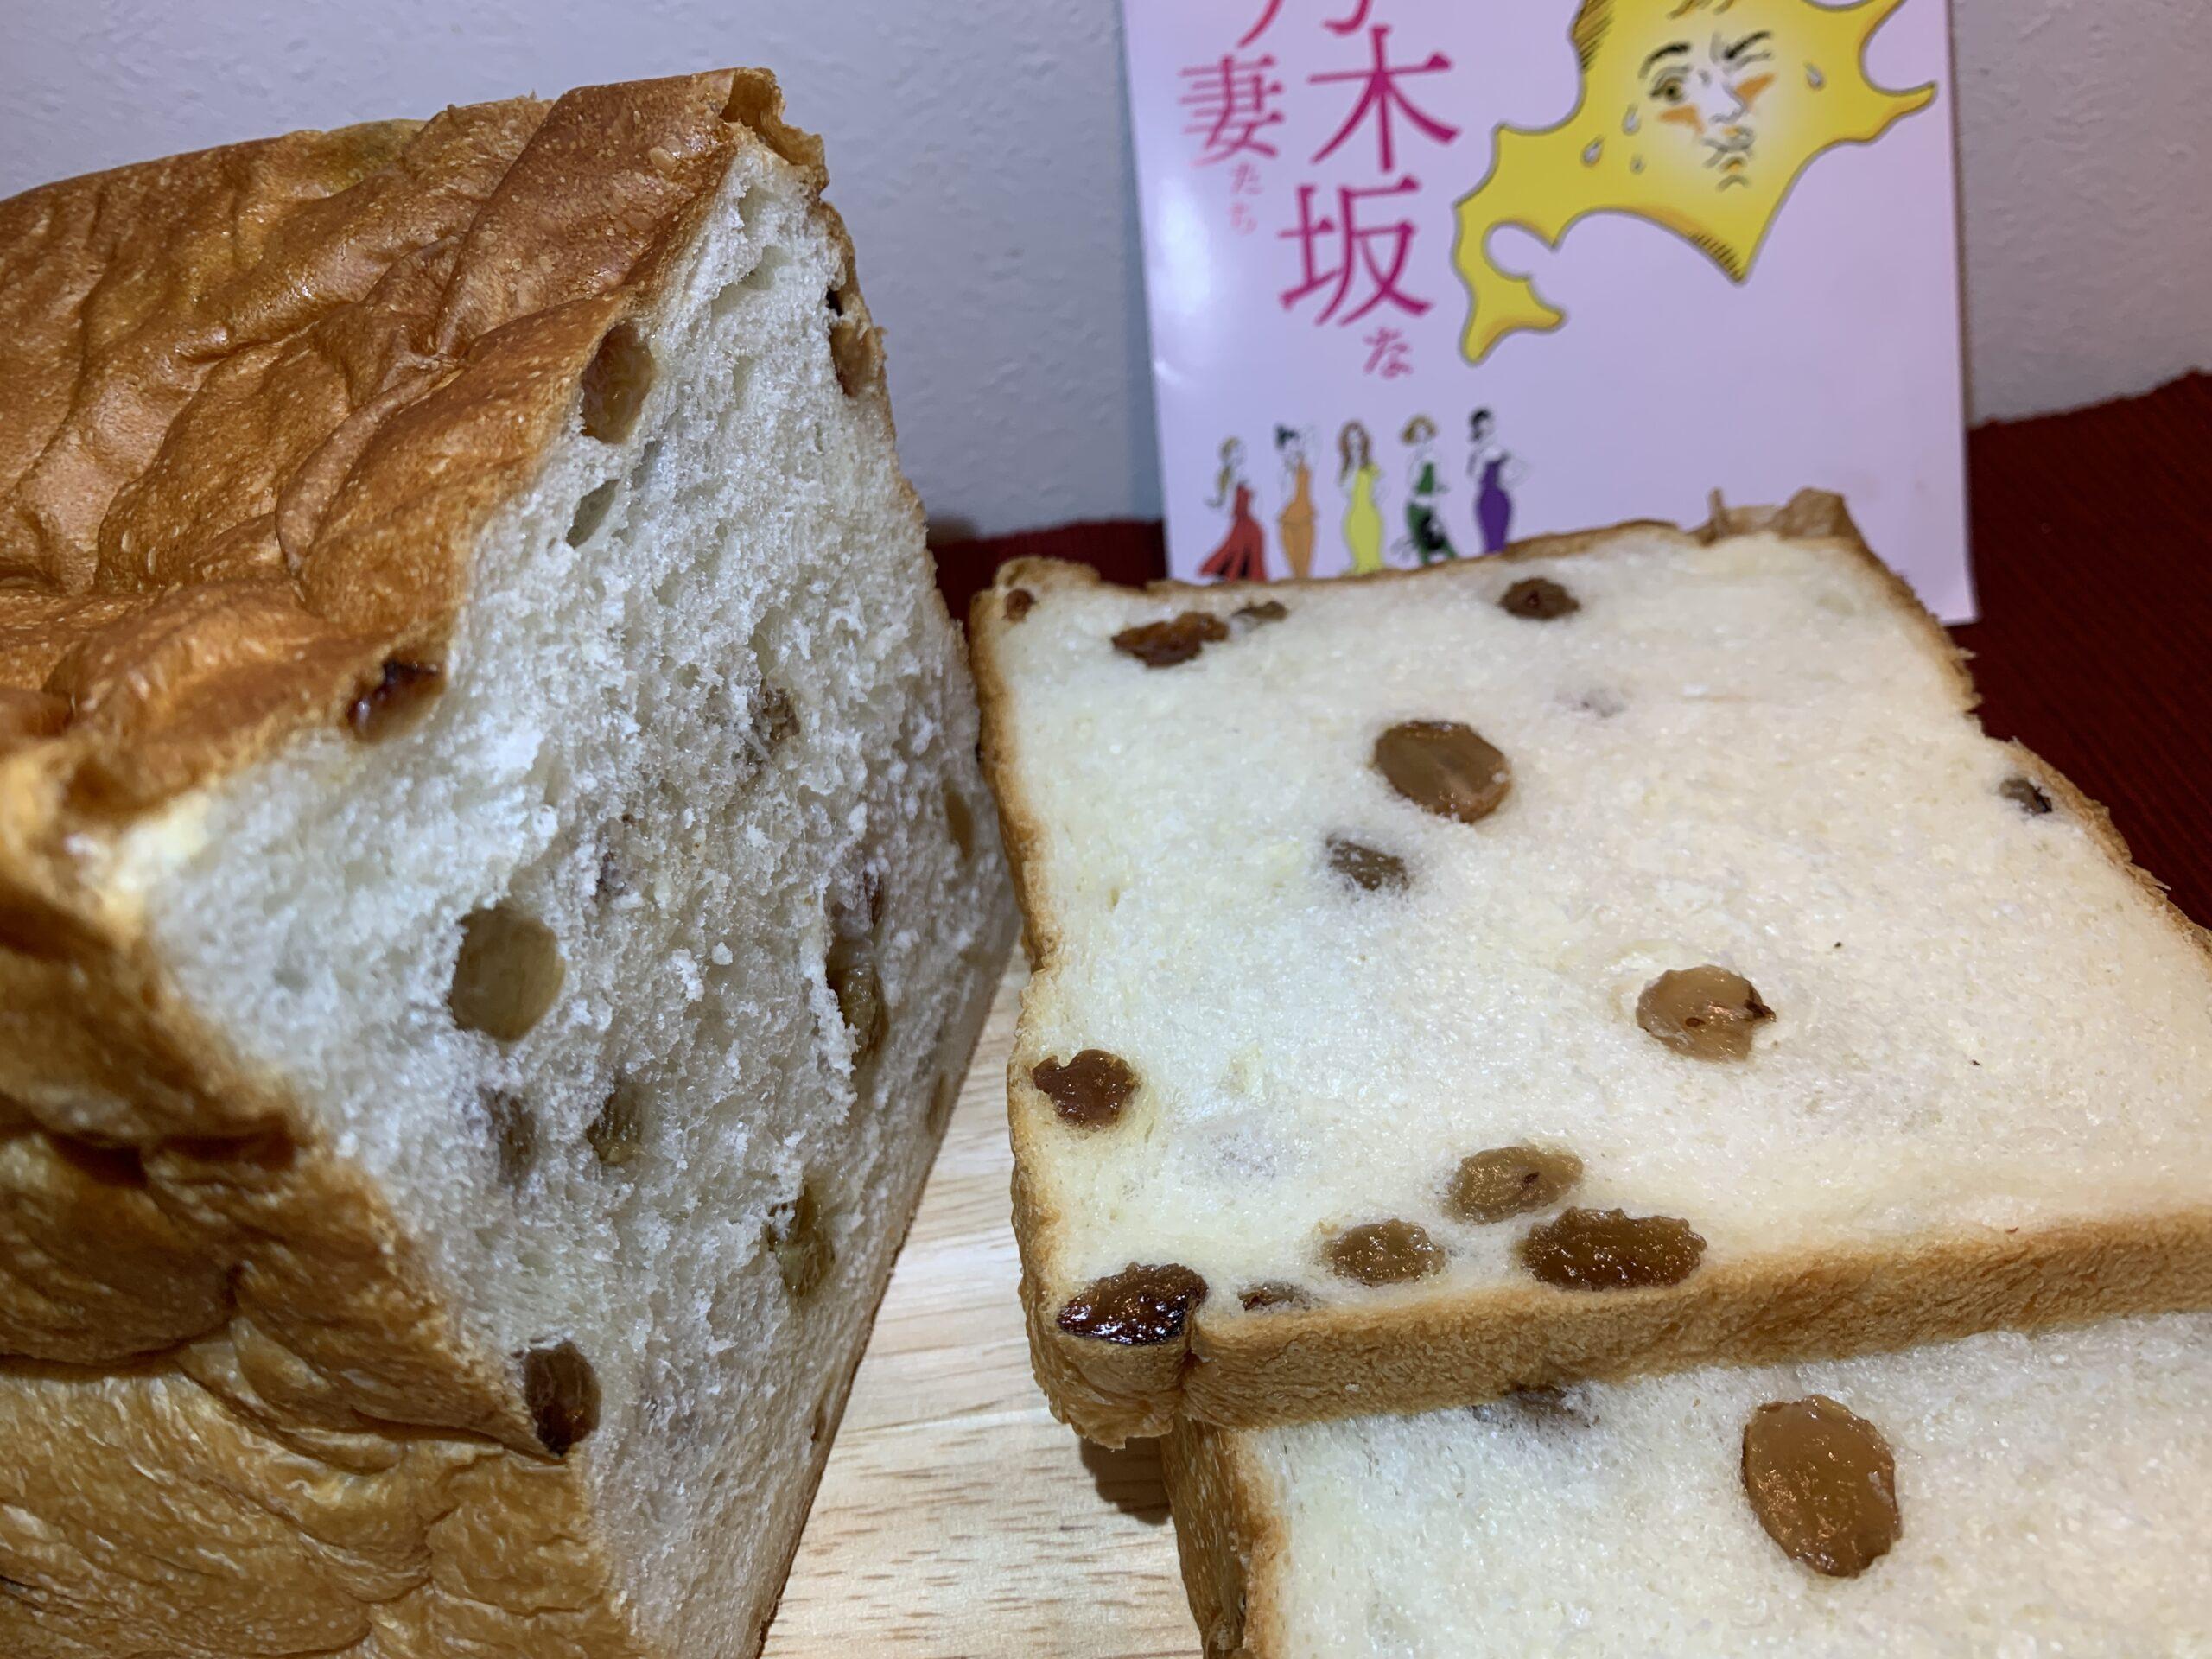 高級食パン専門店乃木坂な妻たちは美味しい?販売店は?